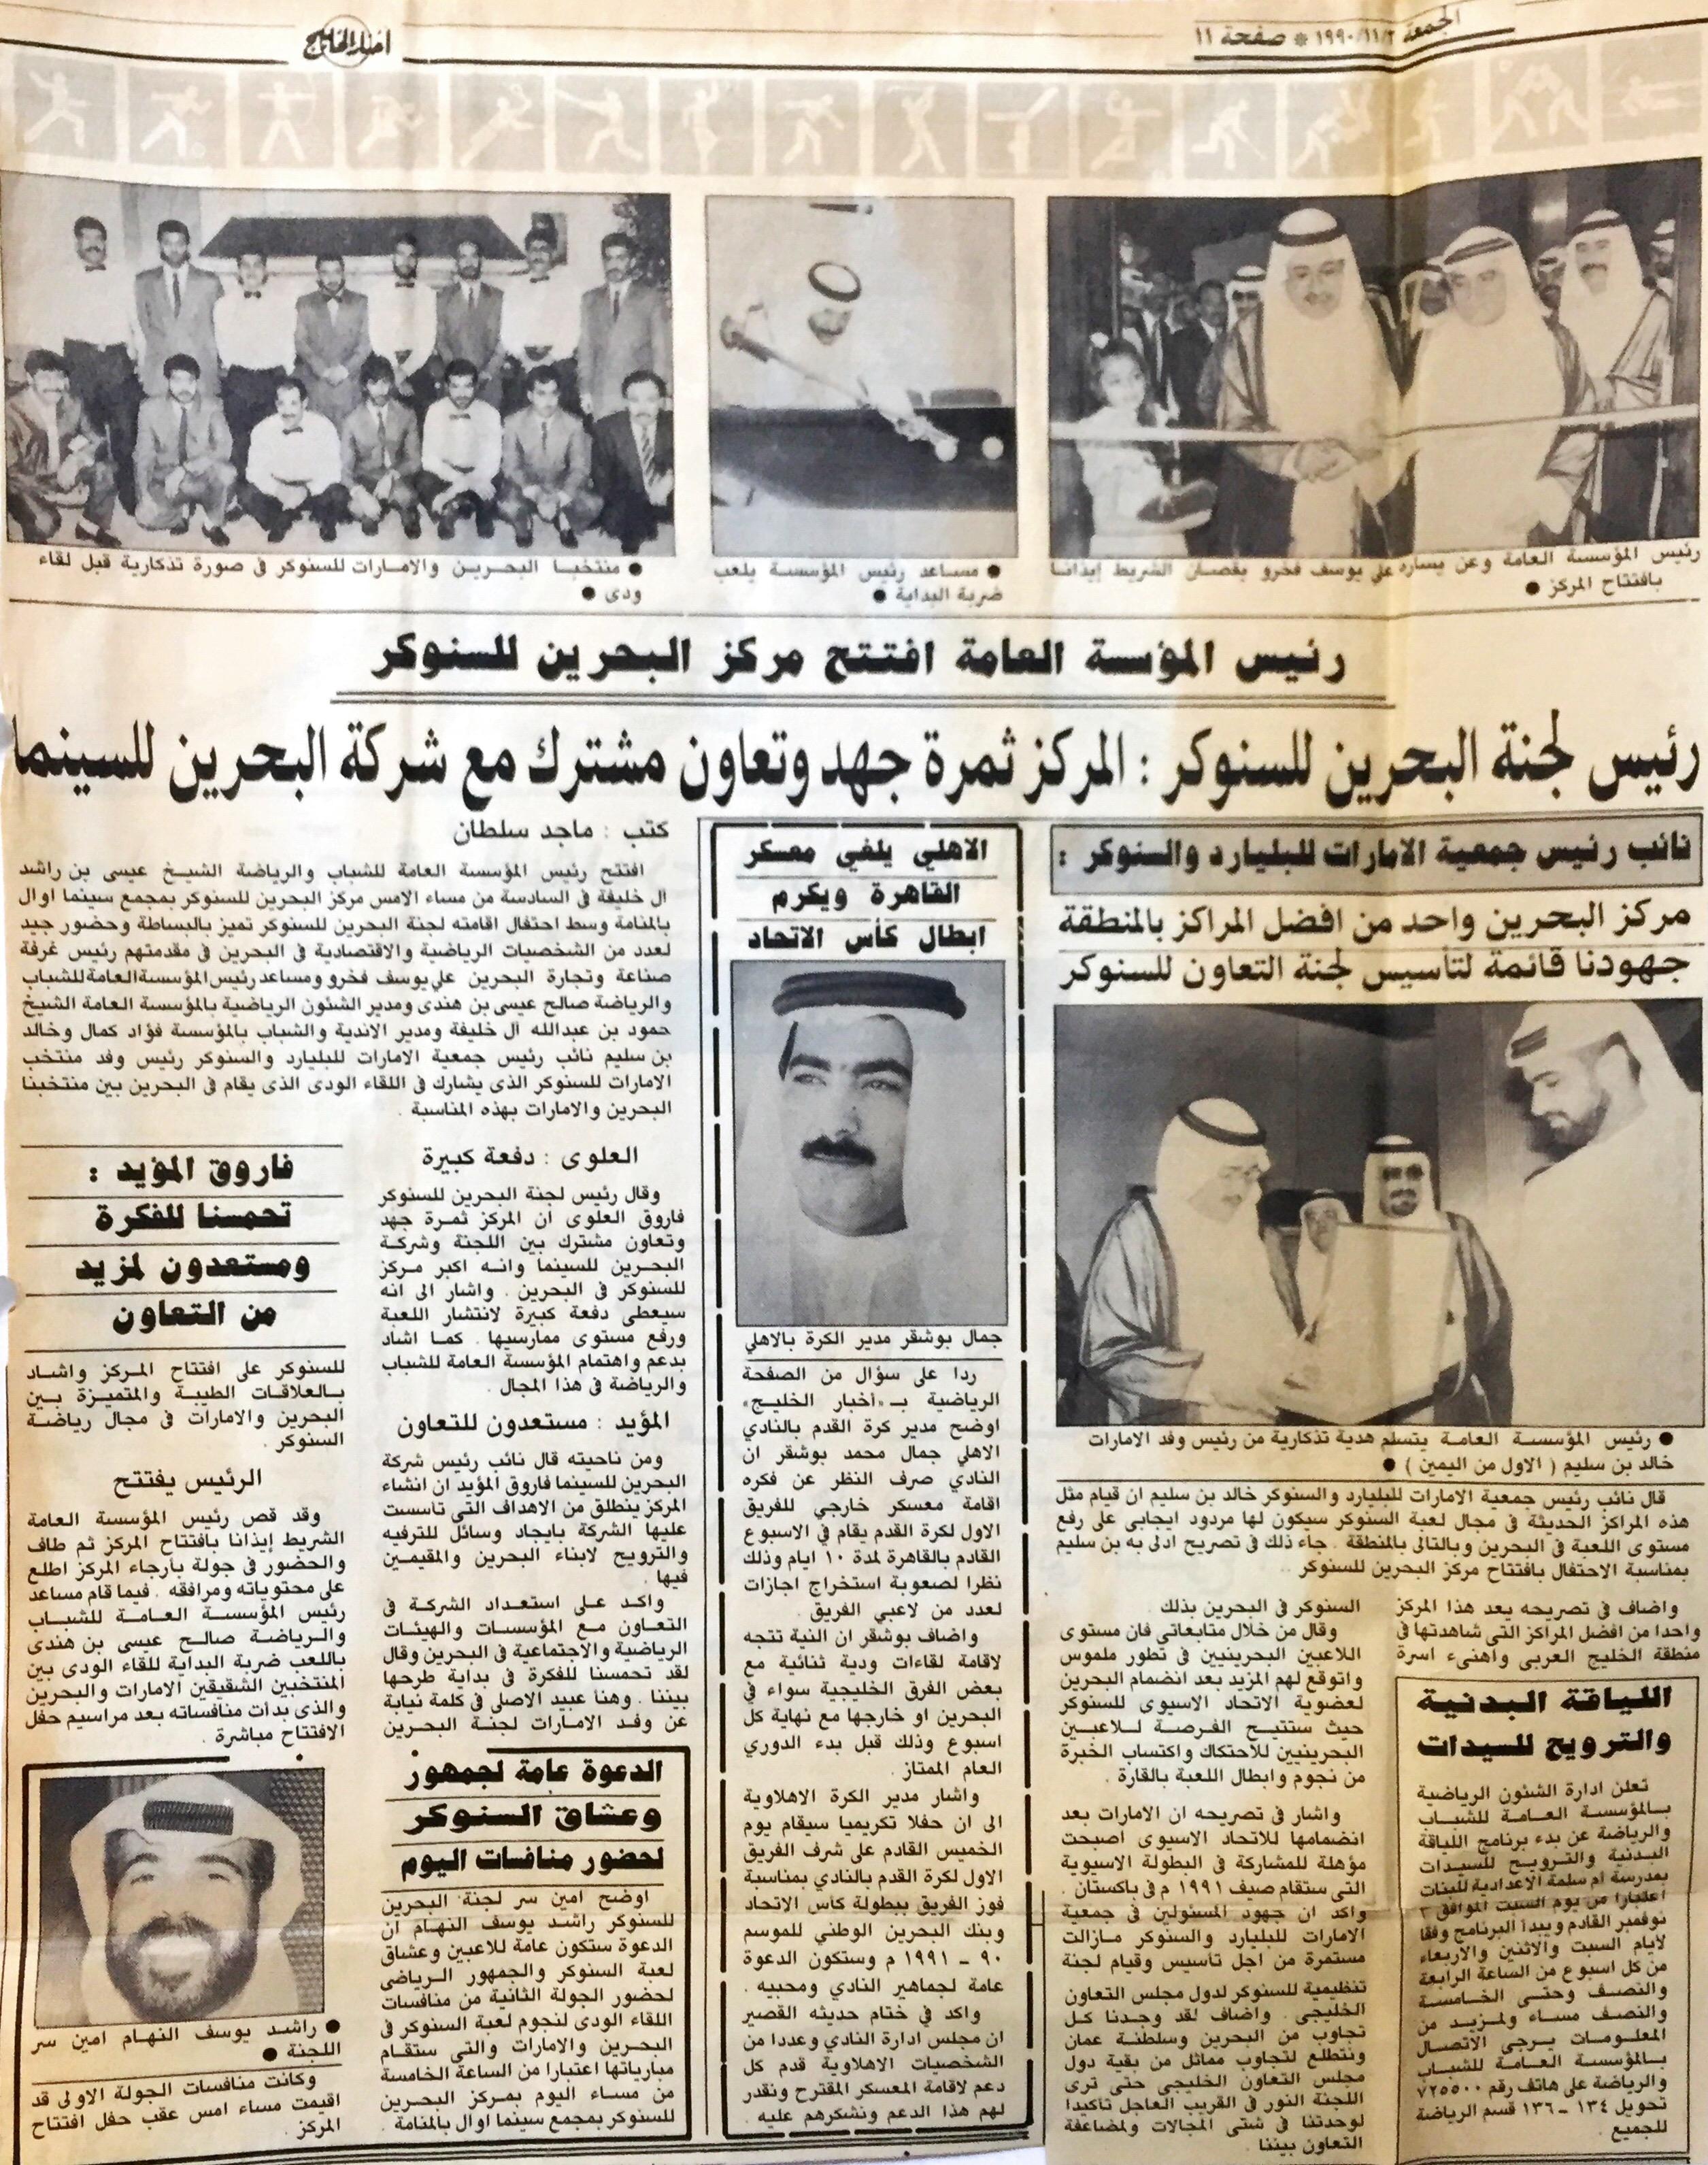 رئيس المؤسسة العامة افتتح مركز البحرين للسنوكر